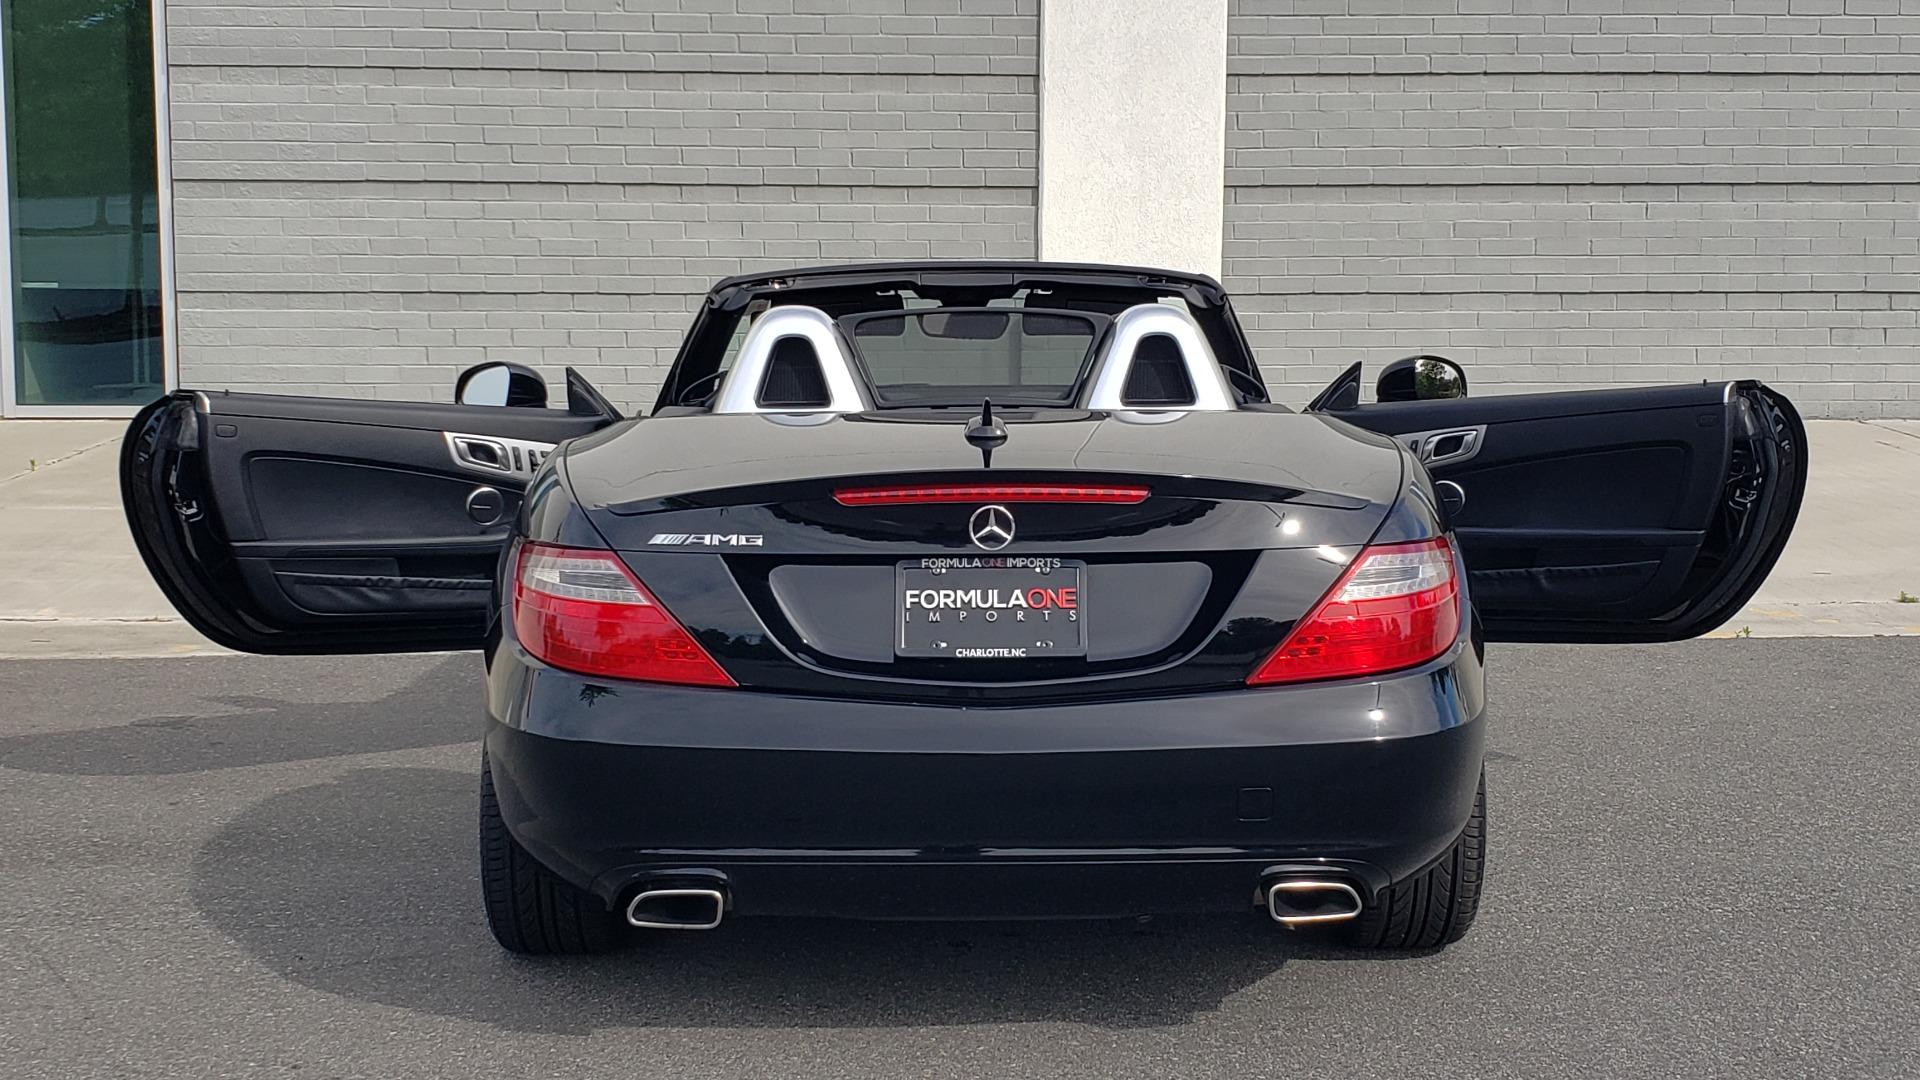 Used 2012 Mercedes-Benz SLK-CLASS SLK 250 ROADSTER / PREM 1 PKG / COMAND LAUNCH PKG / 7-SPD AUTO for sale $24,995 at Formula Imports in Charlotte NC 28227 49